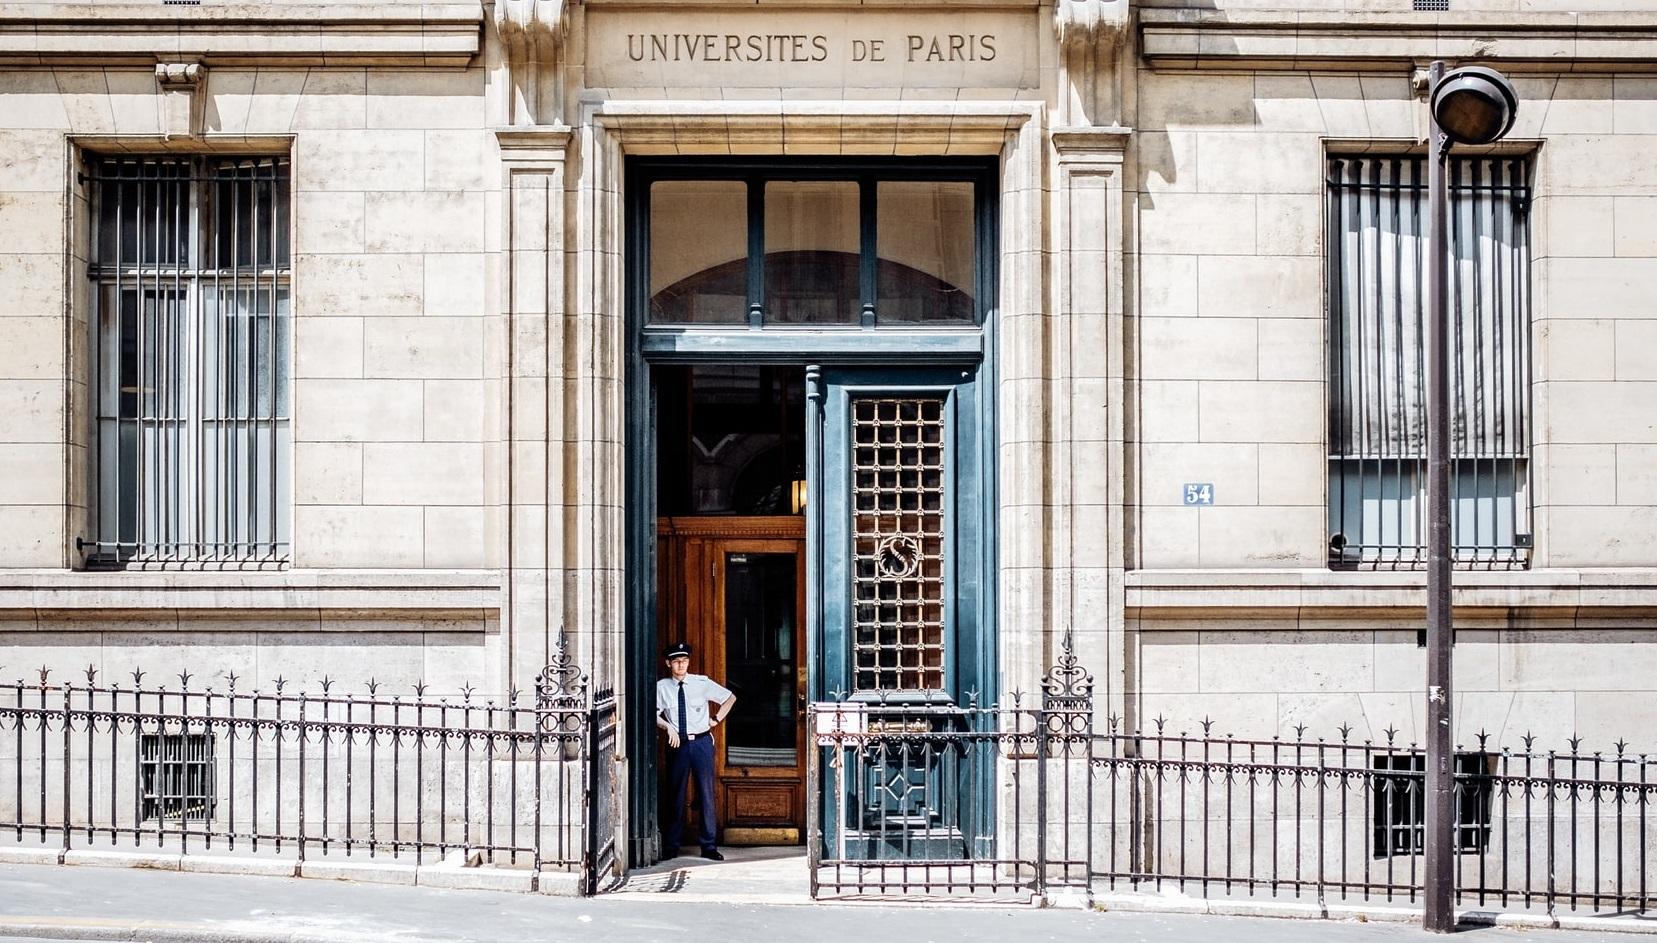 Franța| Se înmulțesc focarele în universități. O parte au revenit la învățământul online